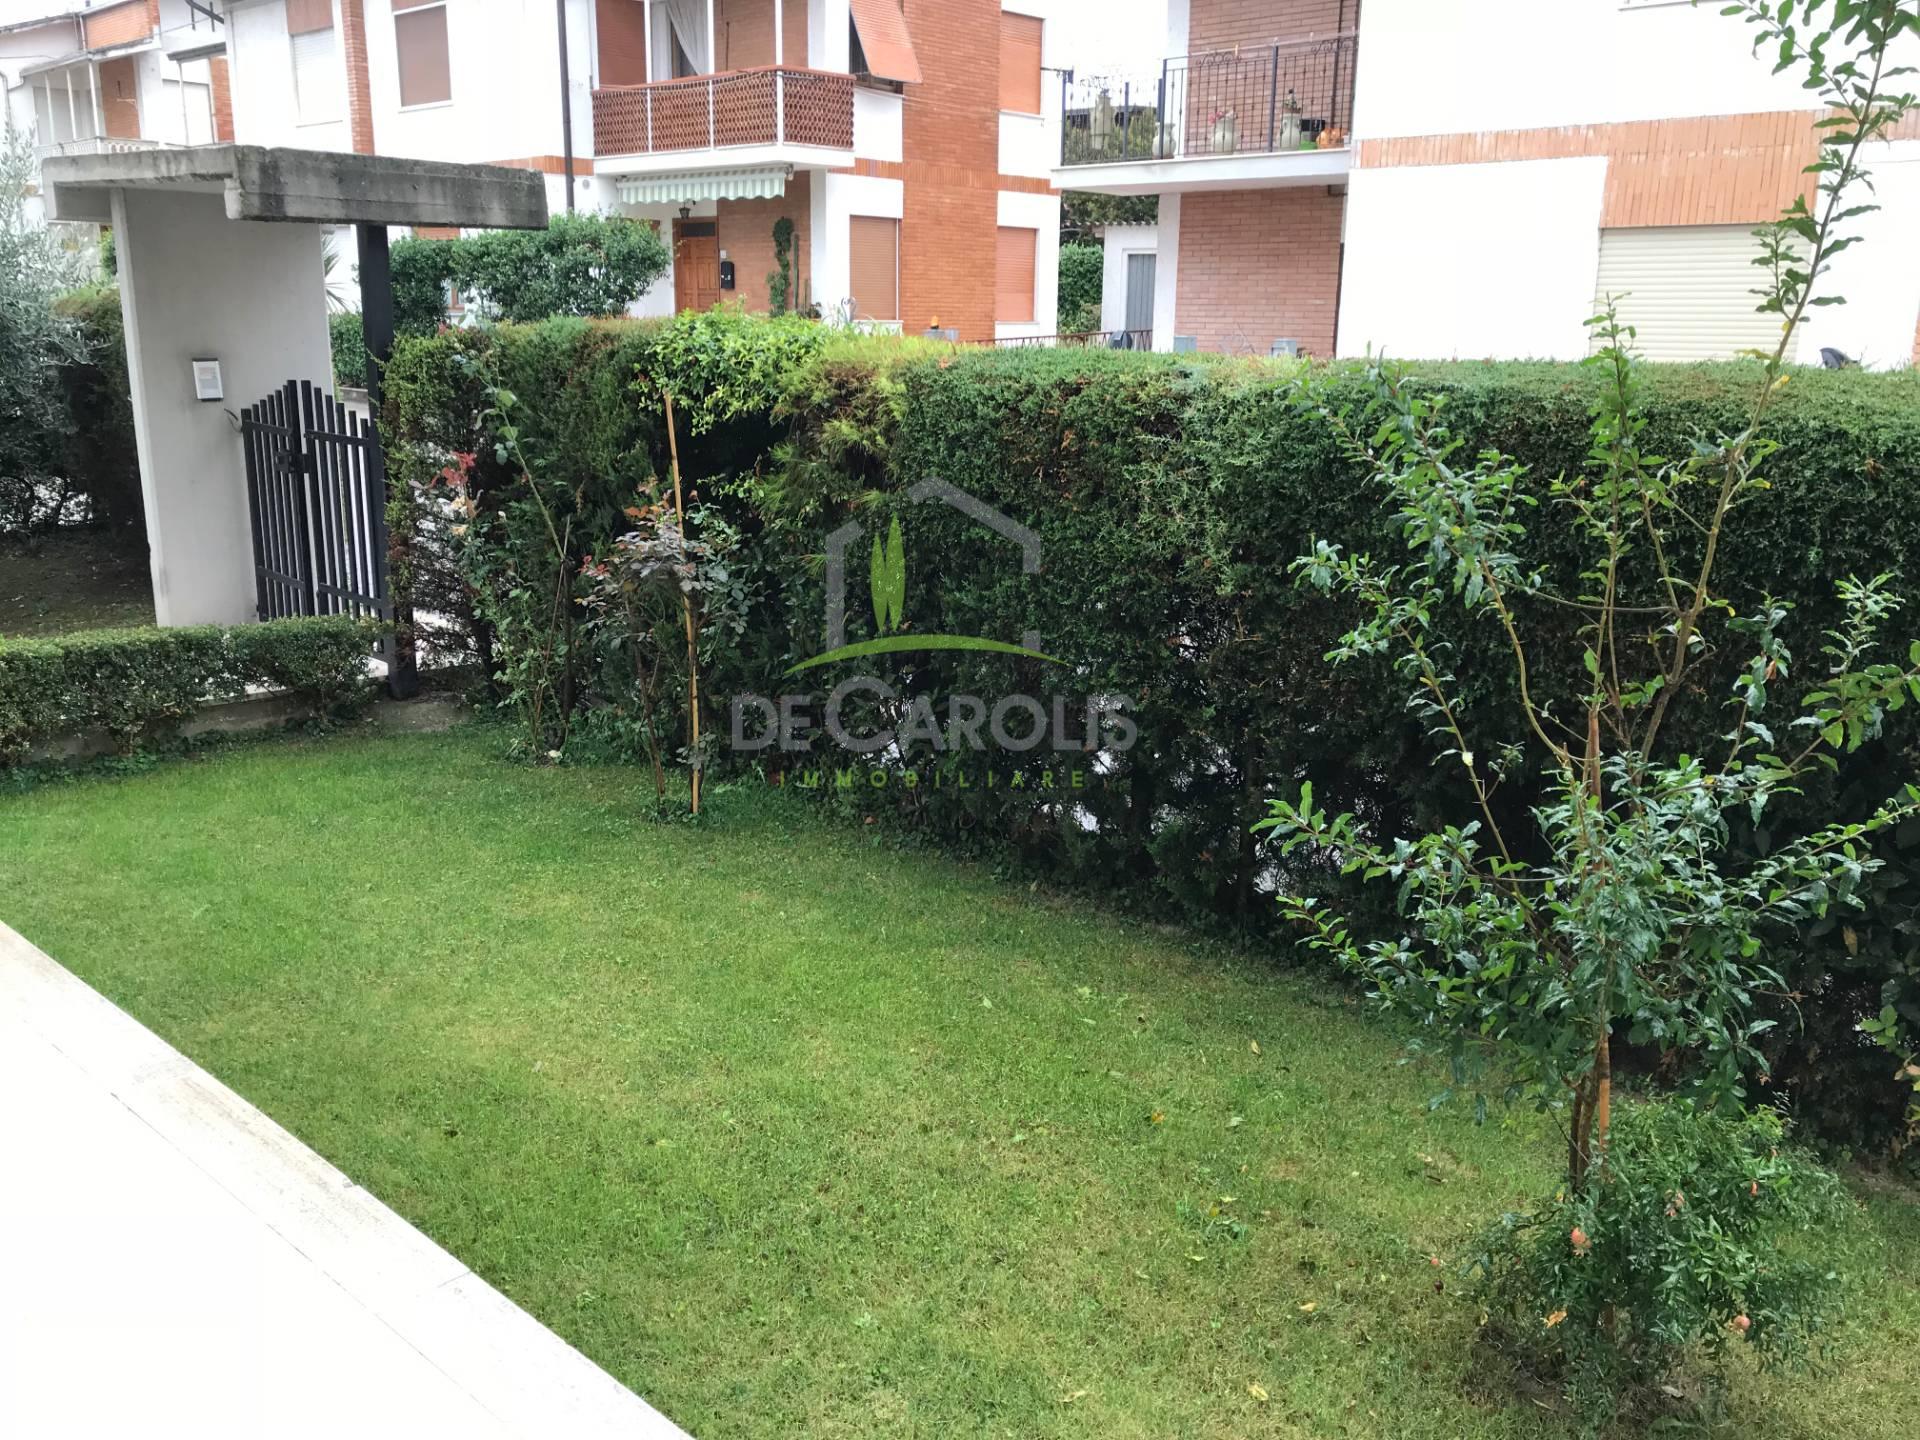 Appartamento in vendita a Castel di Lama, 3 locali, zona Località: CasteldiLamaBasso, prezzo € 55.000 | CambioCasa.it